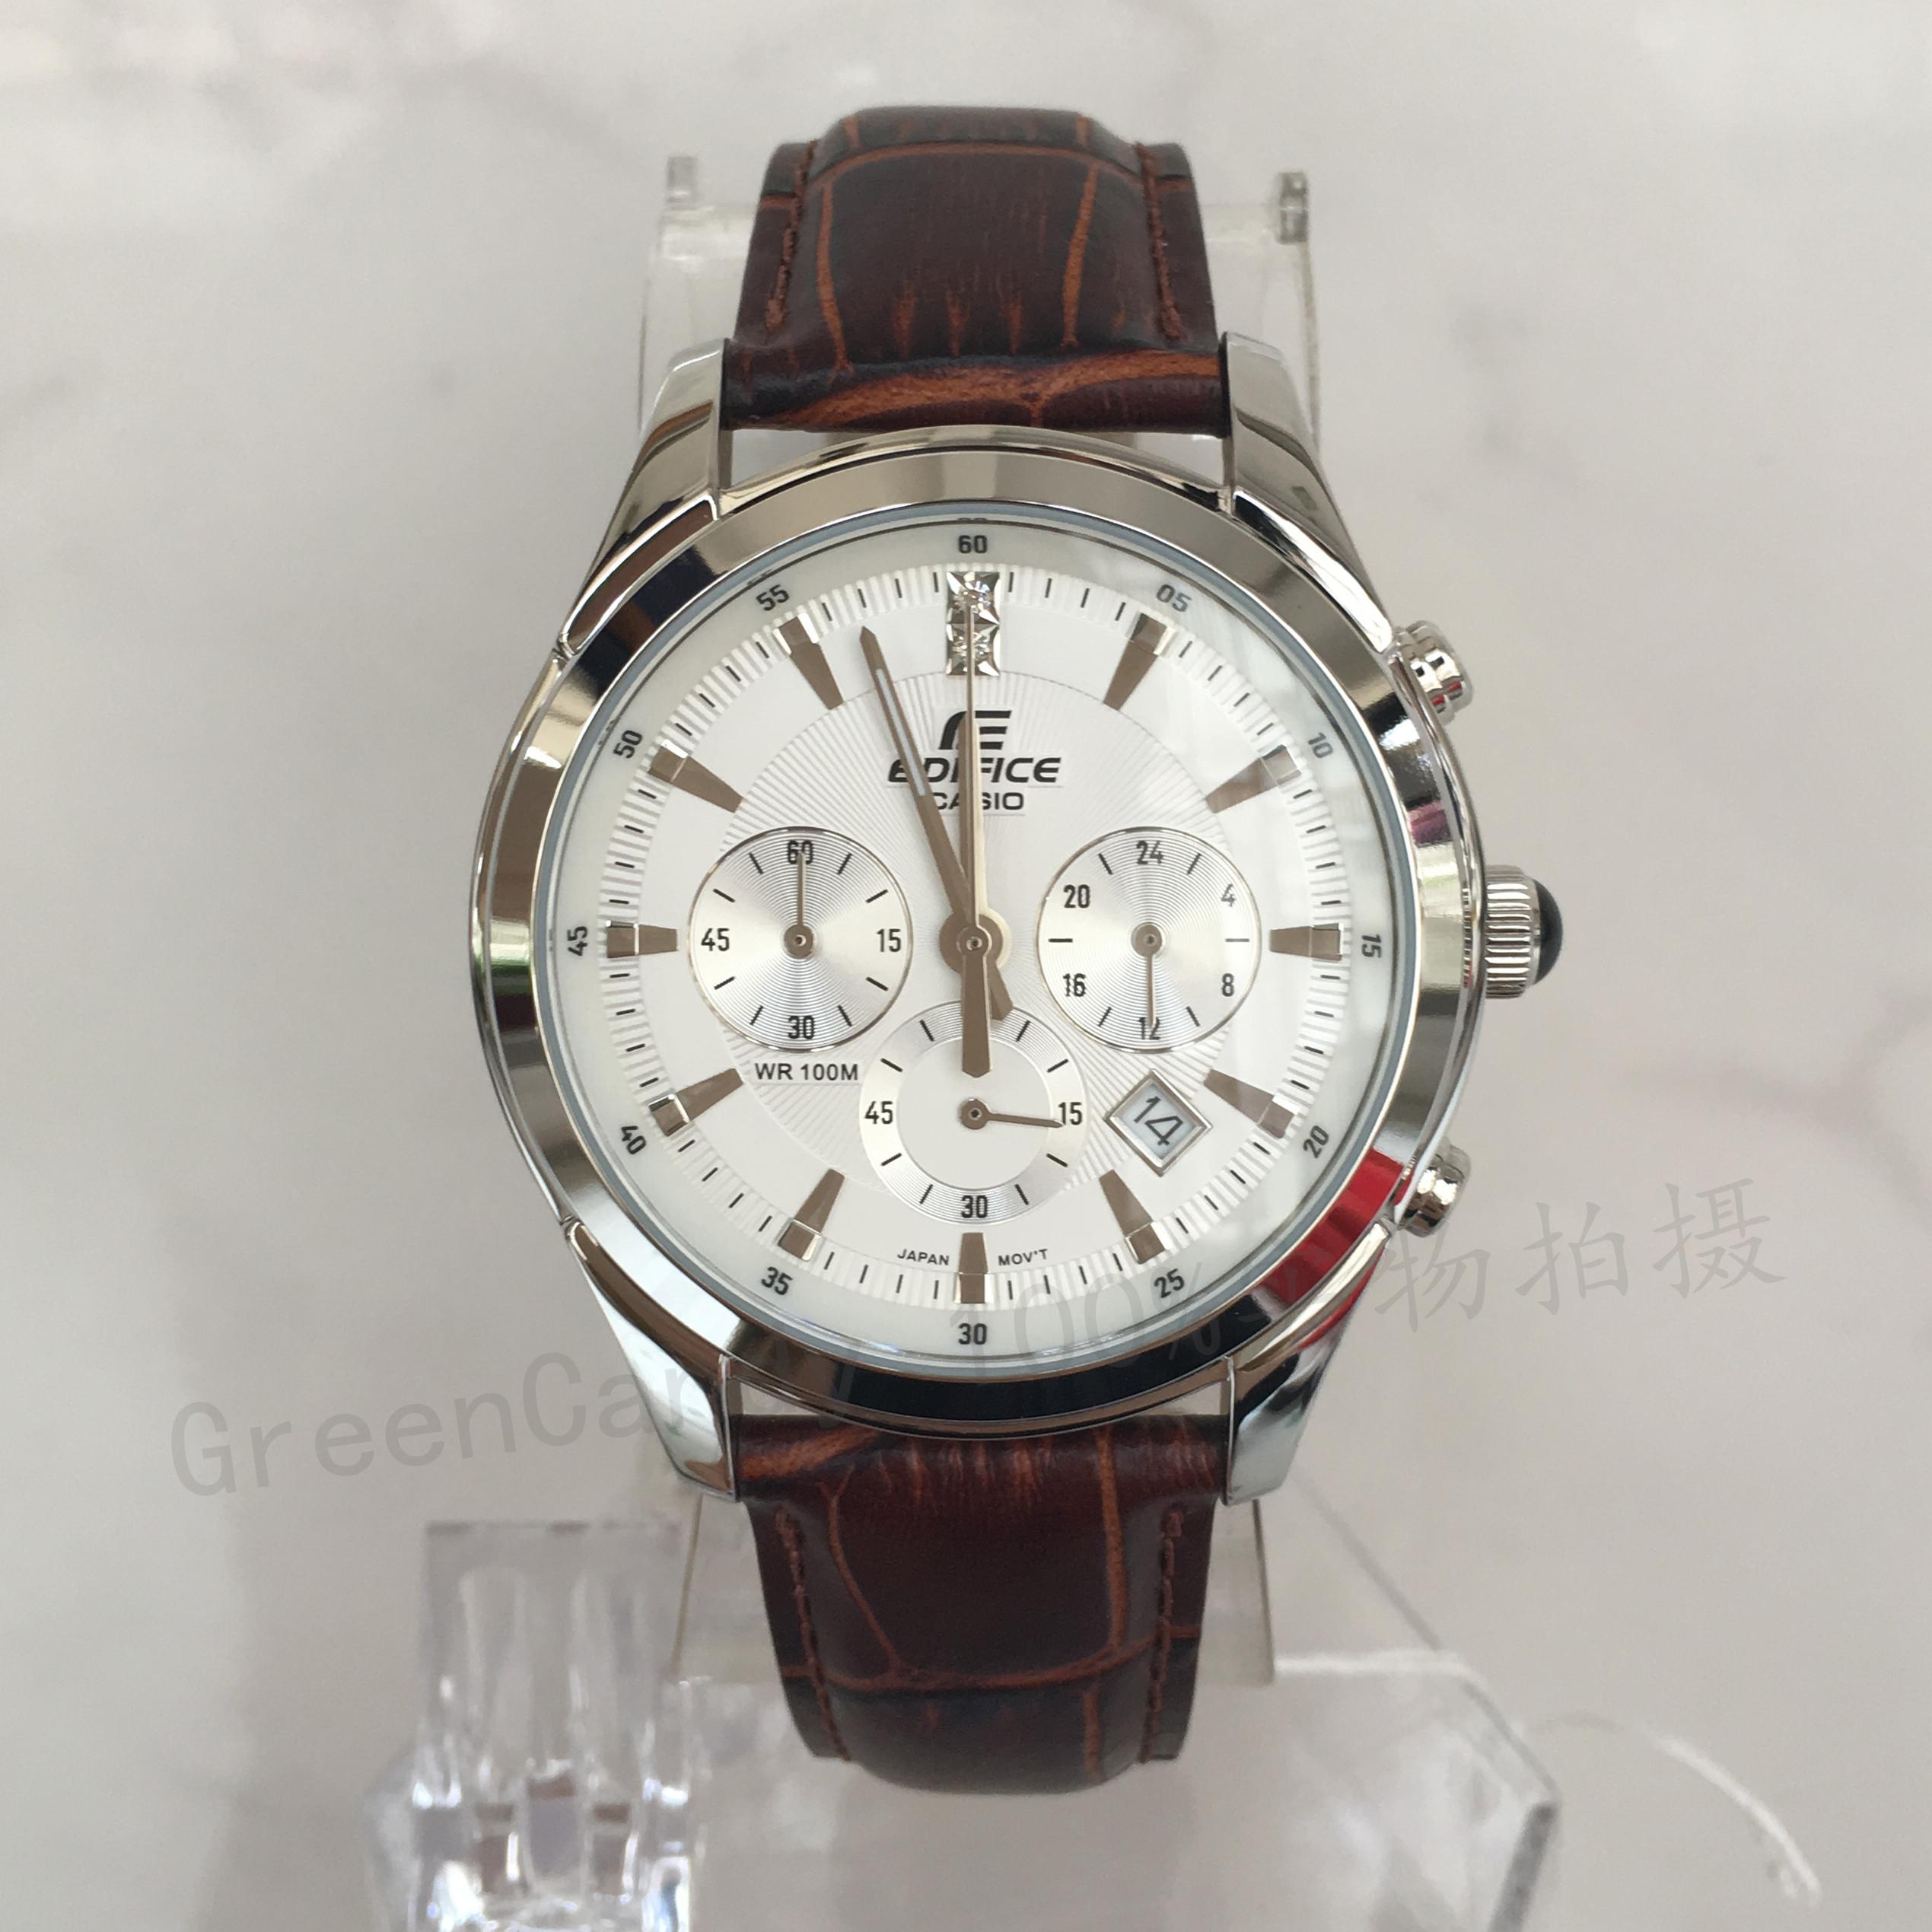 卡西欧手表efr-517l-7a